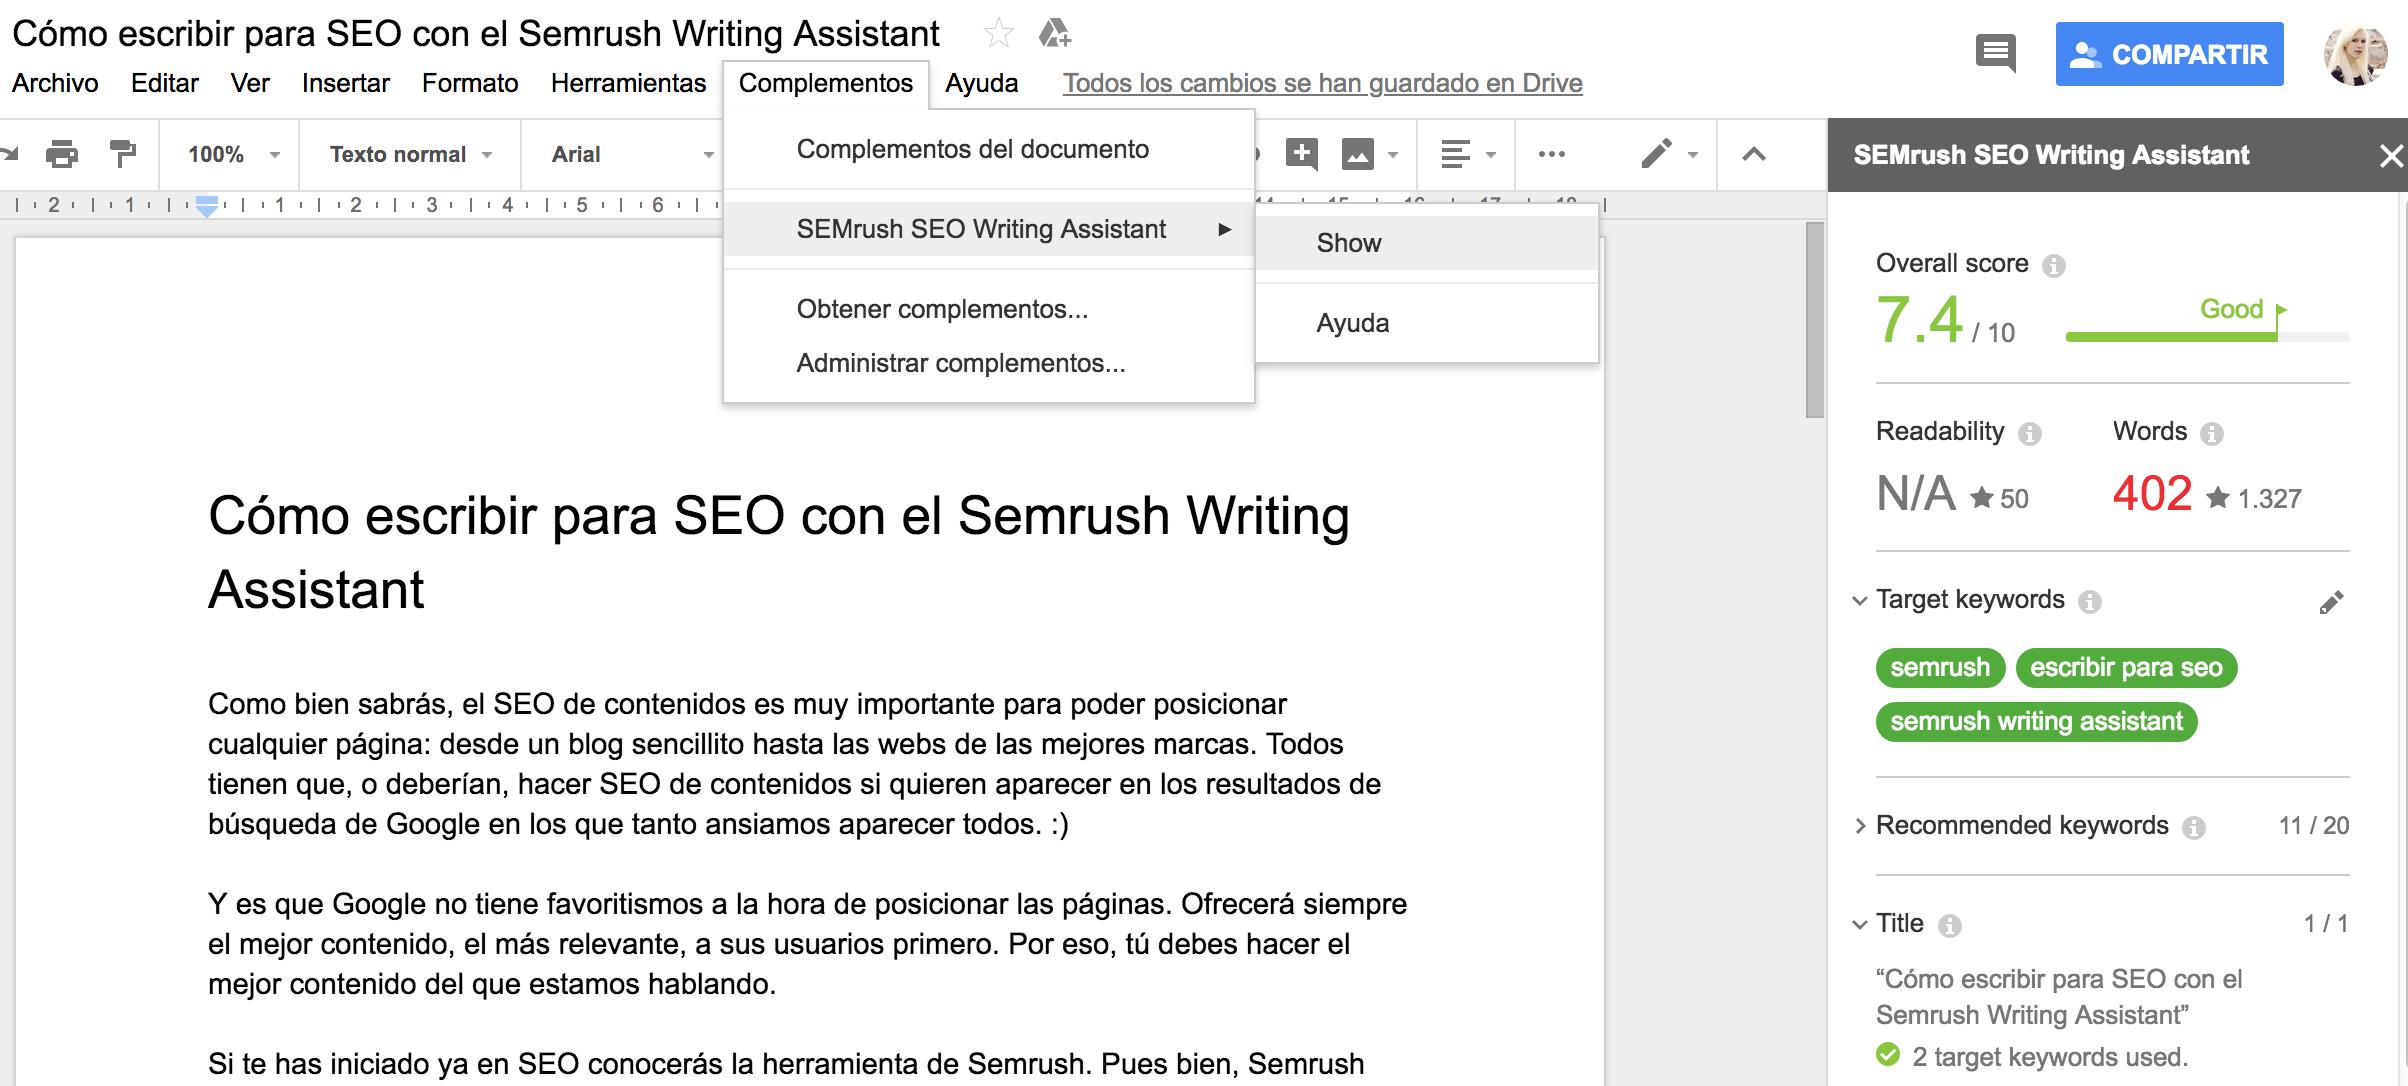 Qué y cómo es el Semrush Writing Assistant